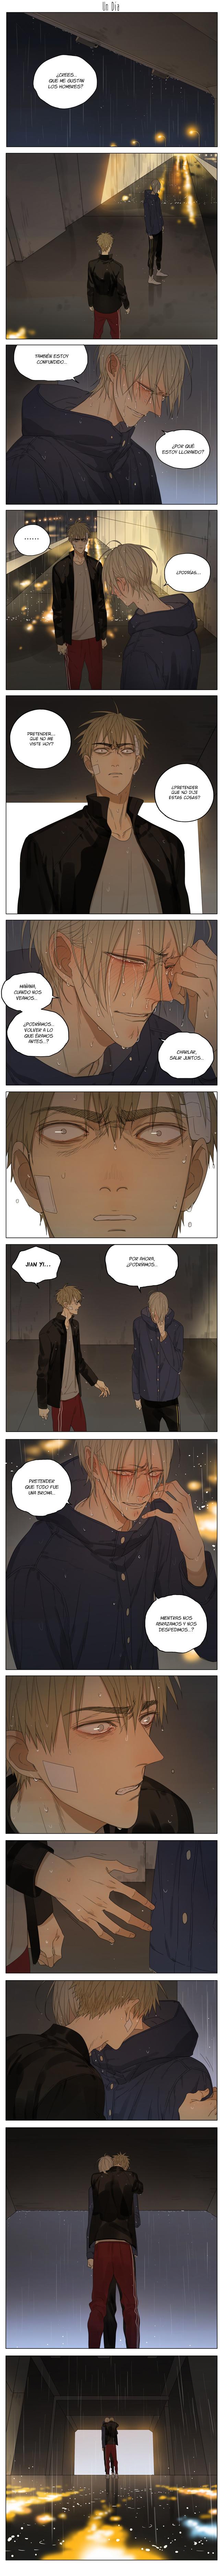 http://c5.ninemanga.com/es_manga/7/15943/435308/5e577a40656885344fa5fc73cdbb6841.jpg Page 16